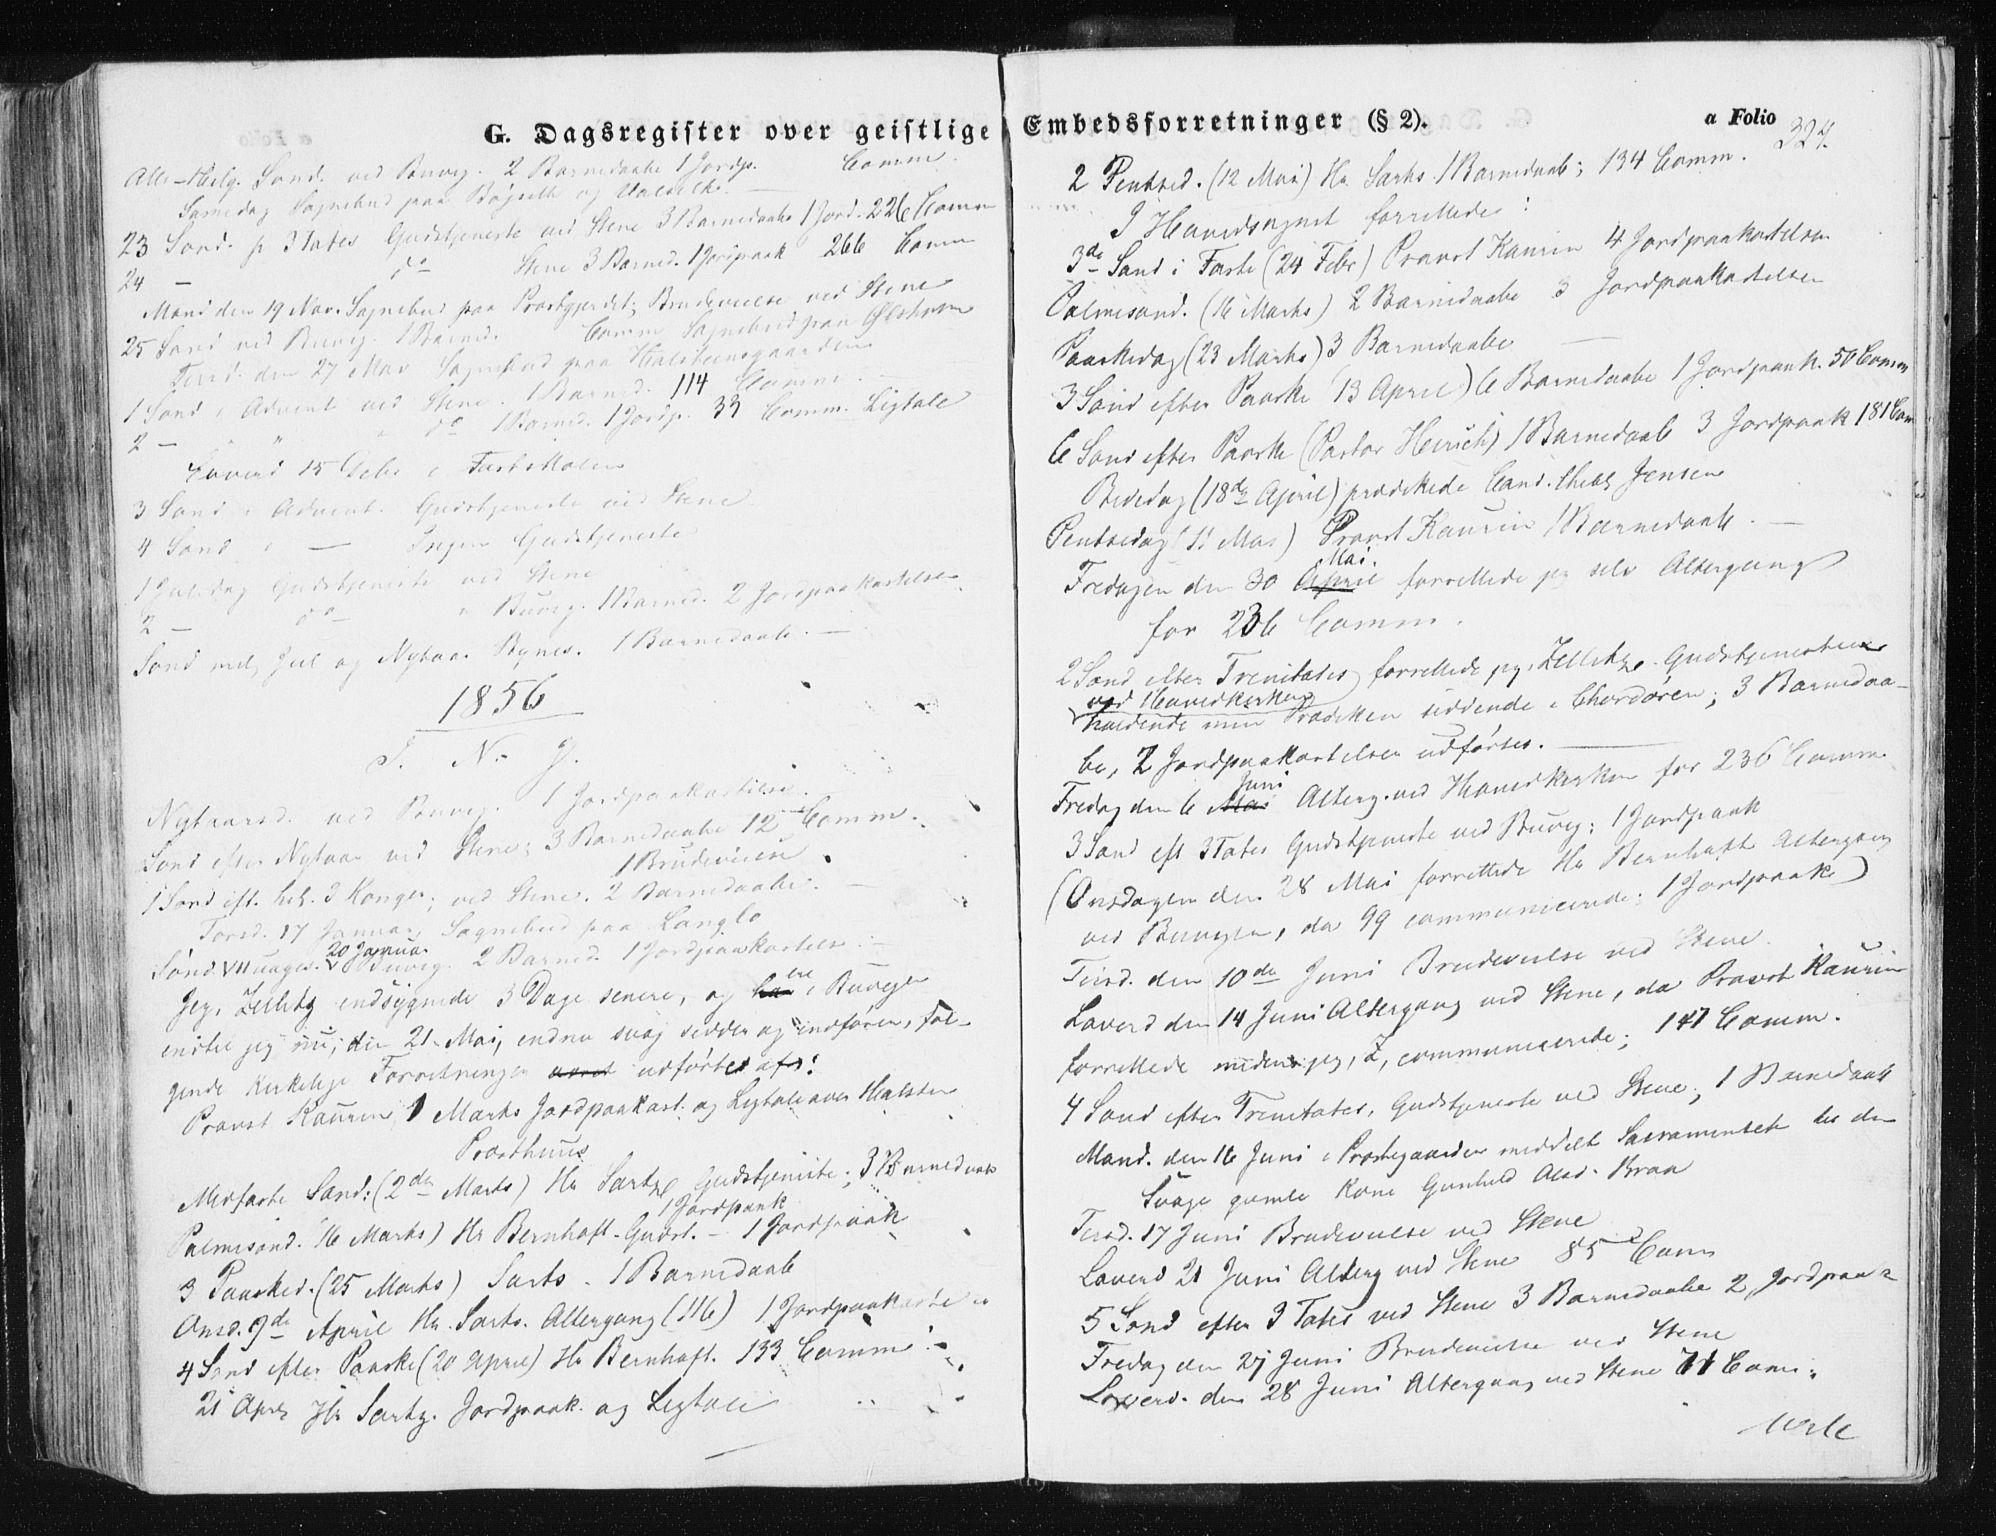 SAT, Ministerialprotokoller, klokkerbøker og fødselsregistre - Sør-Trøndelag, 612/L0376: Ministerialbok nr. 612A08, 1846-1859, s. 324